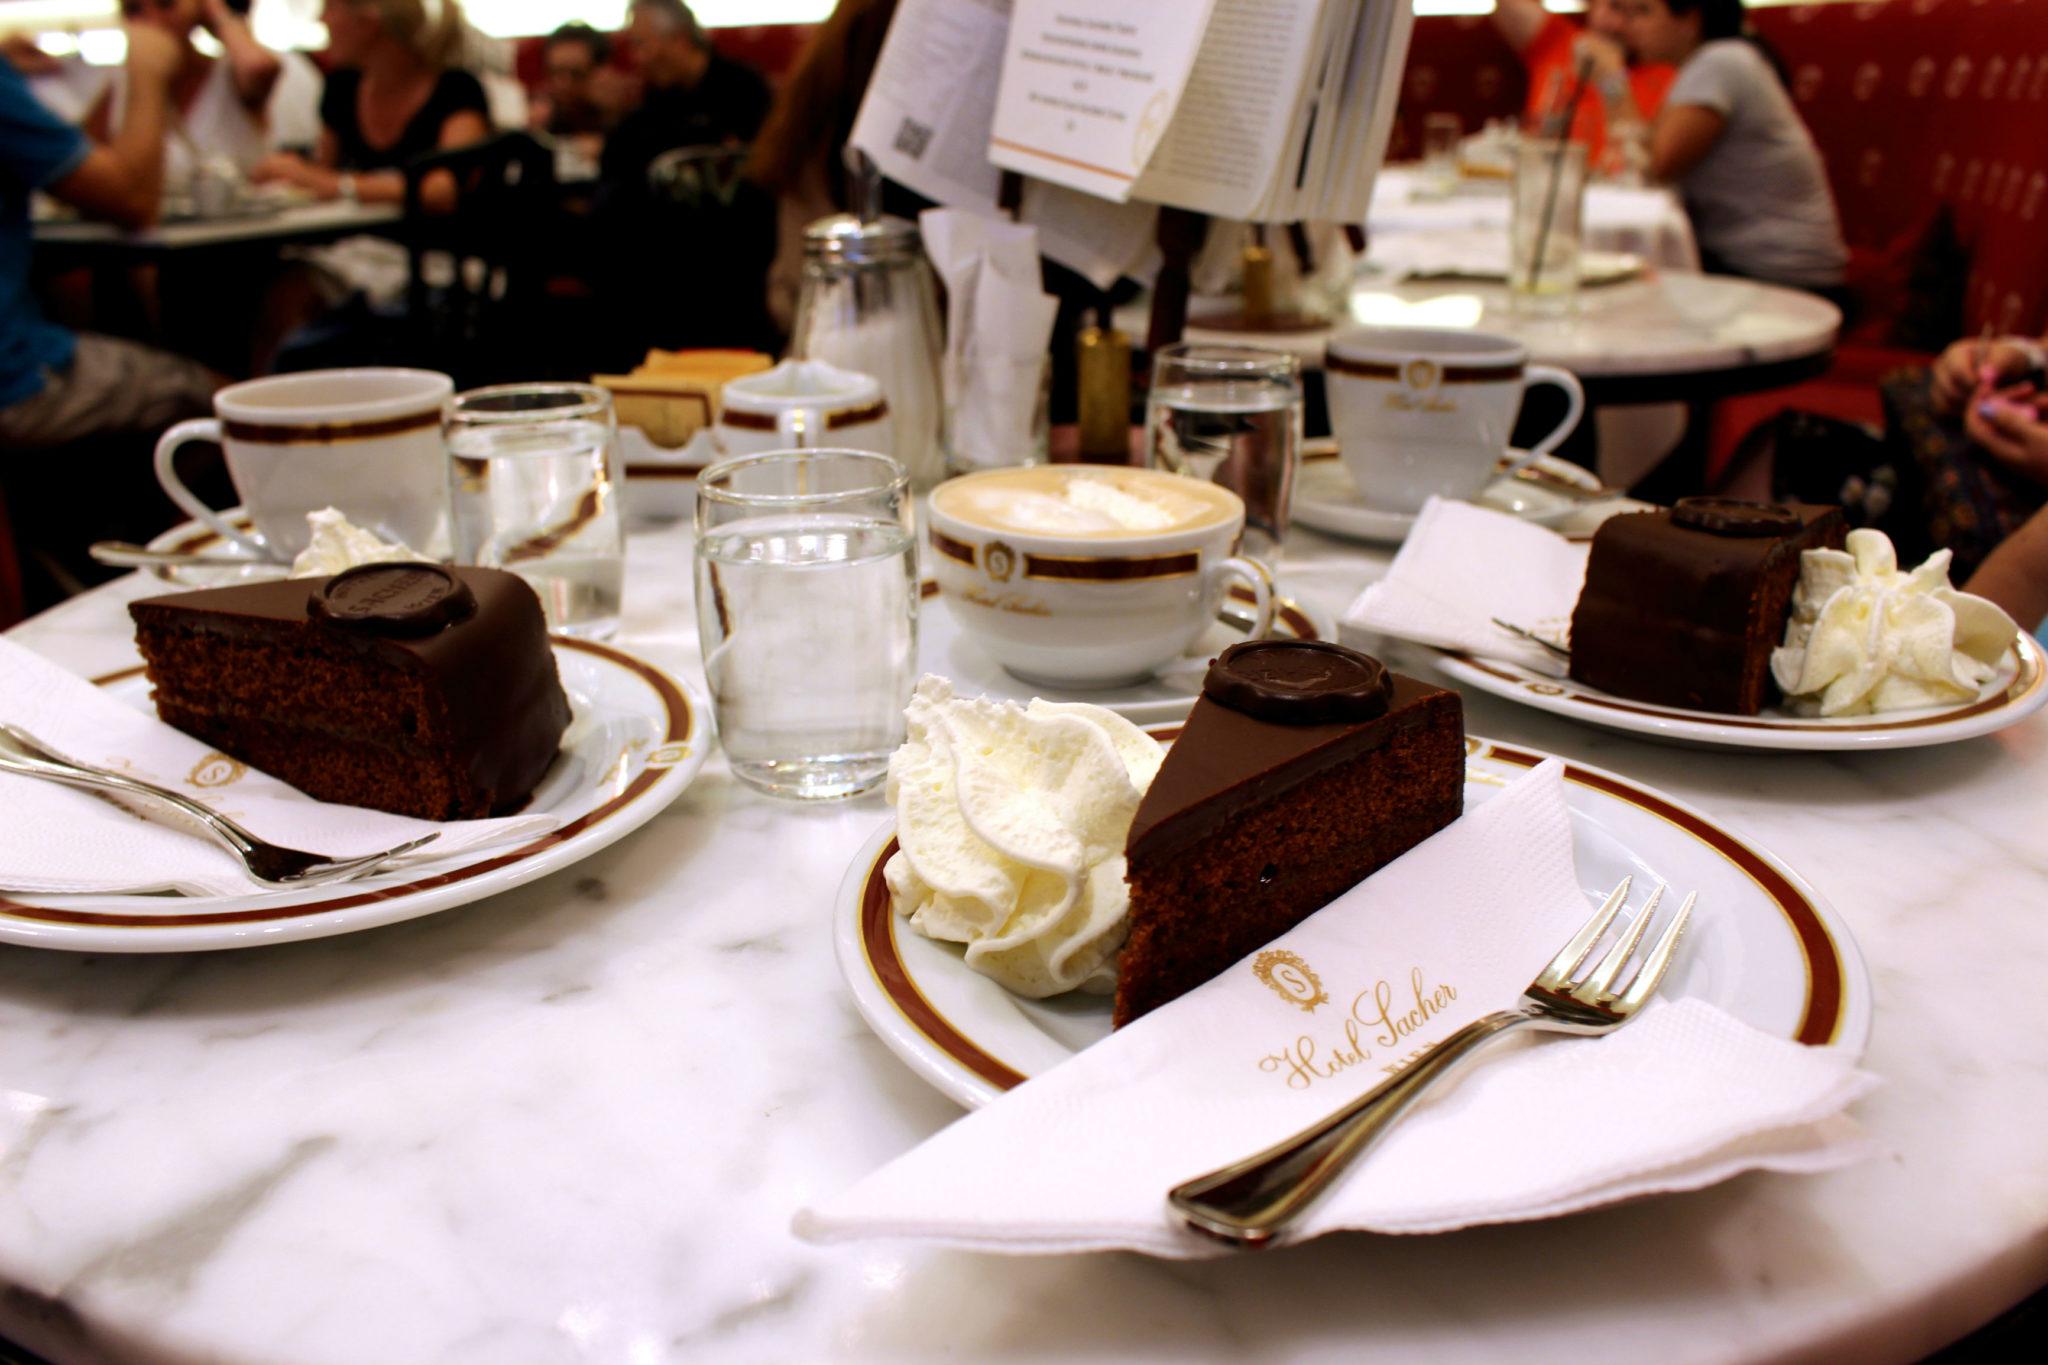 Oryginalny tort Sachera w ilościach hurtowych.